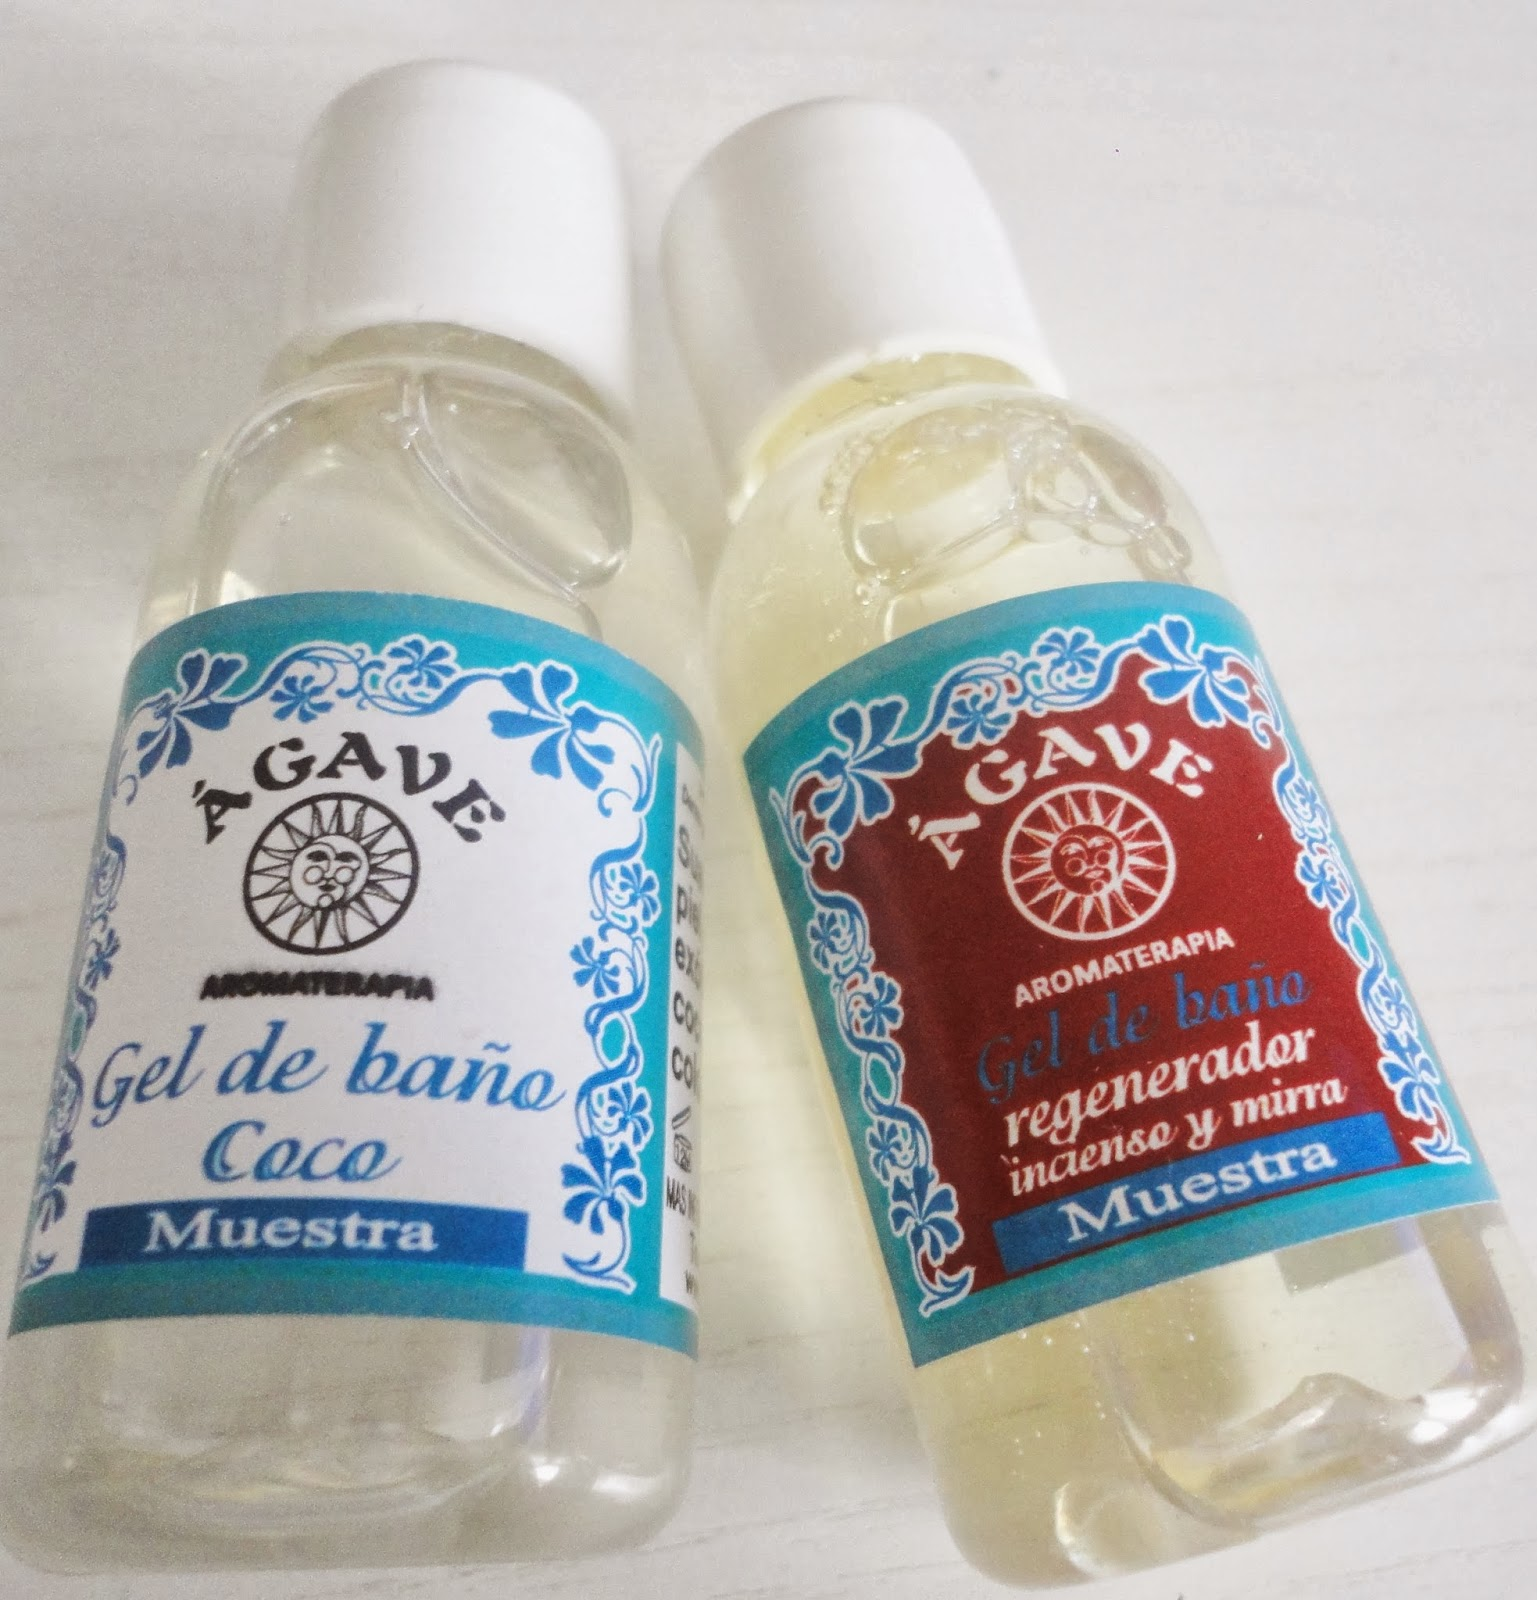 agave-gel-baño